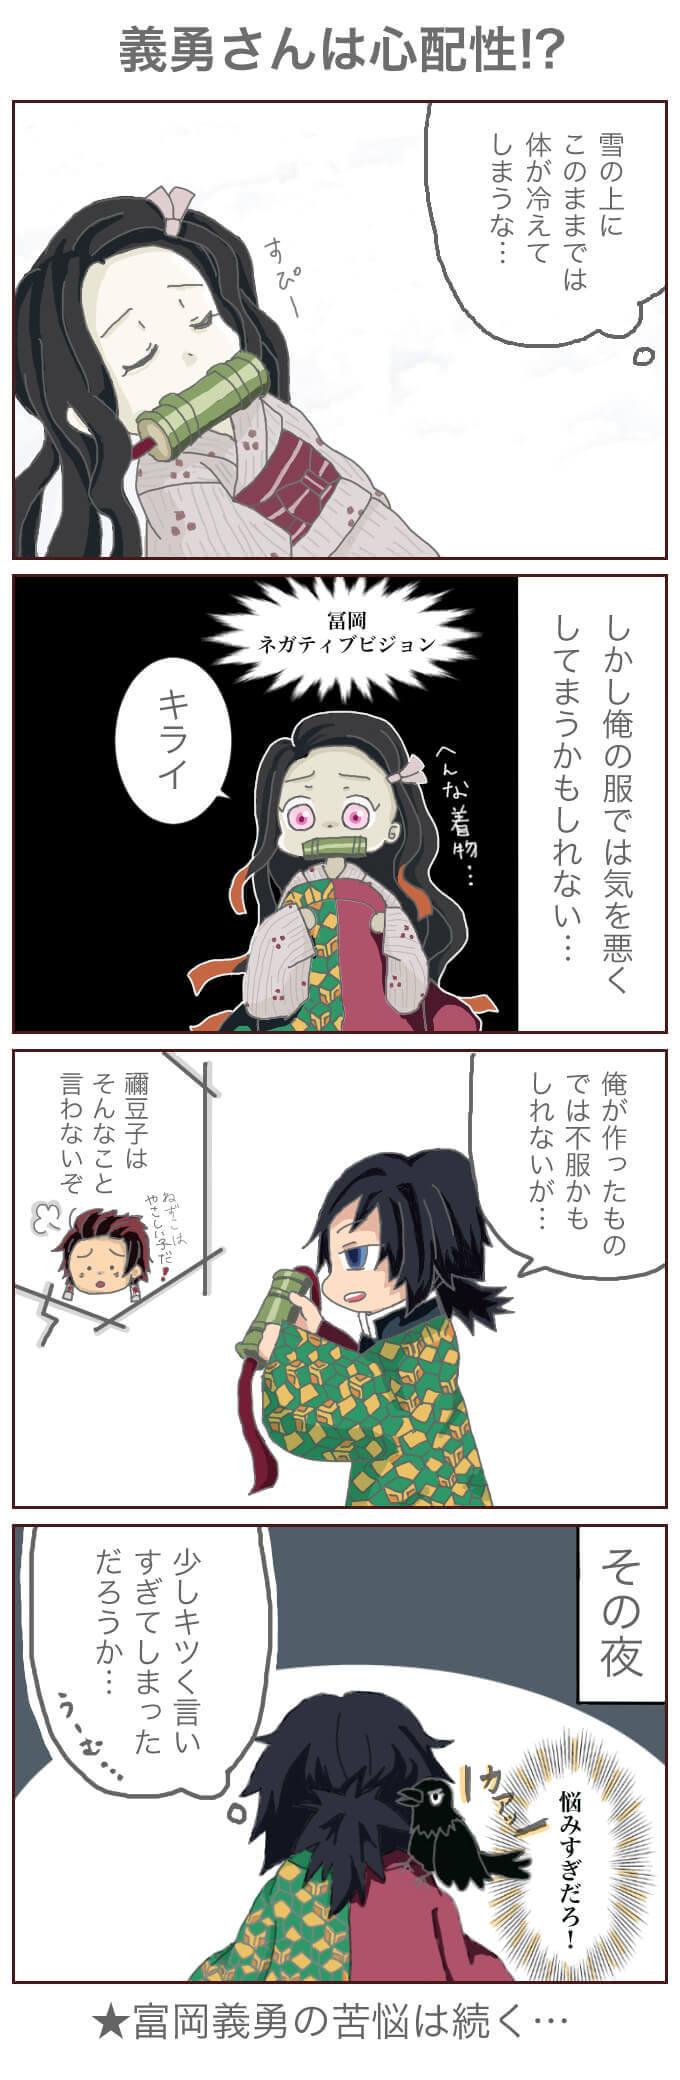 きめ つの 刃 イラスト 漫画 「鬼滅の刃」公式ポータルサイト